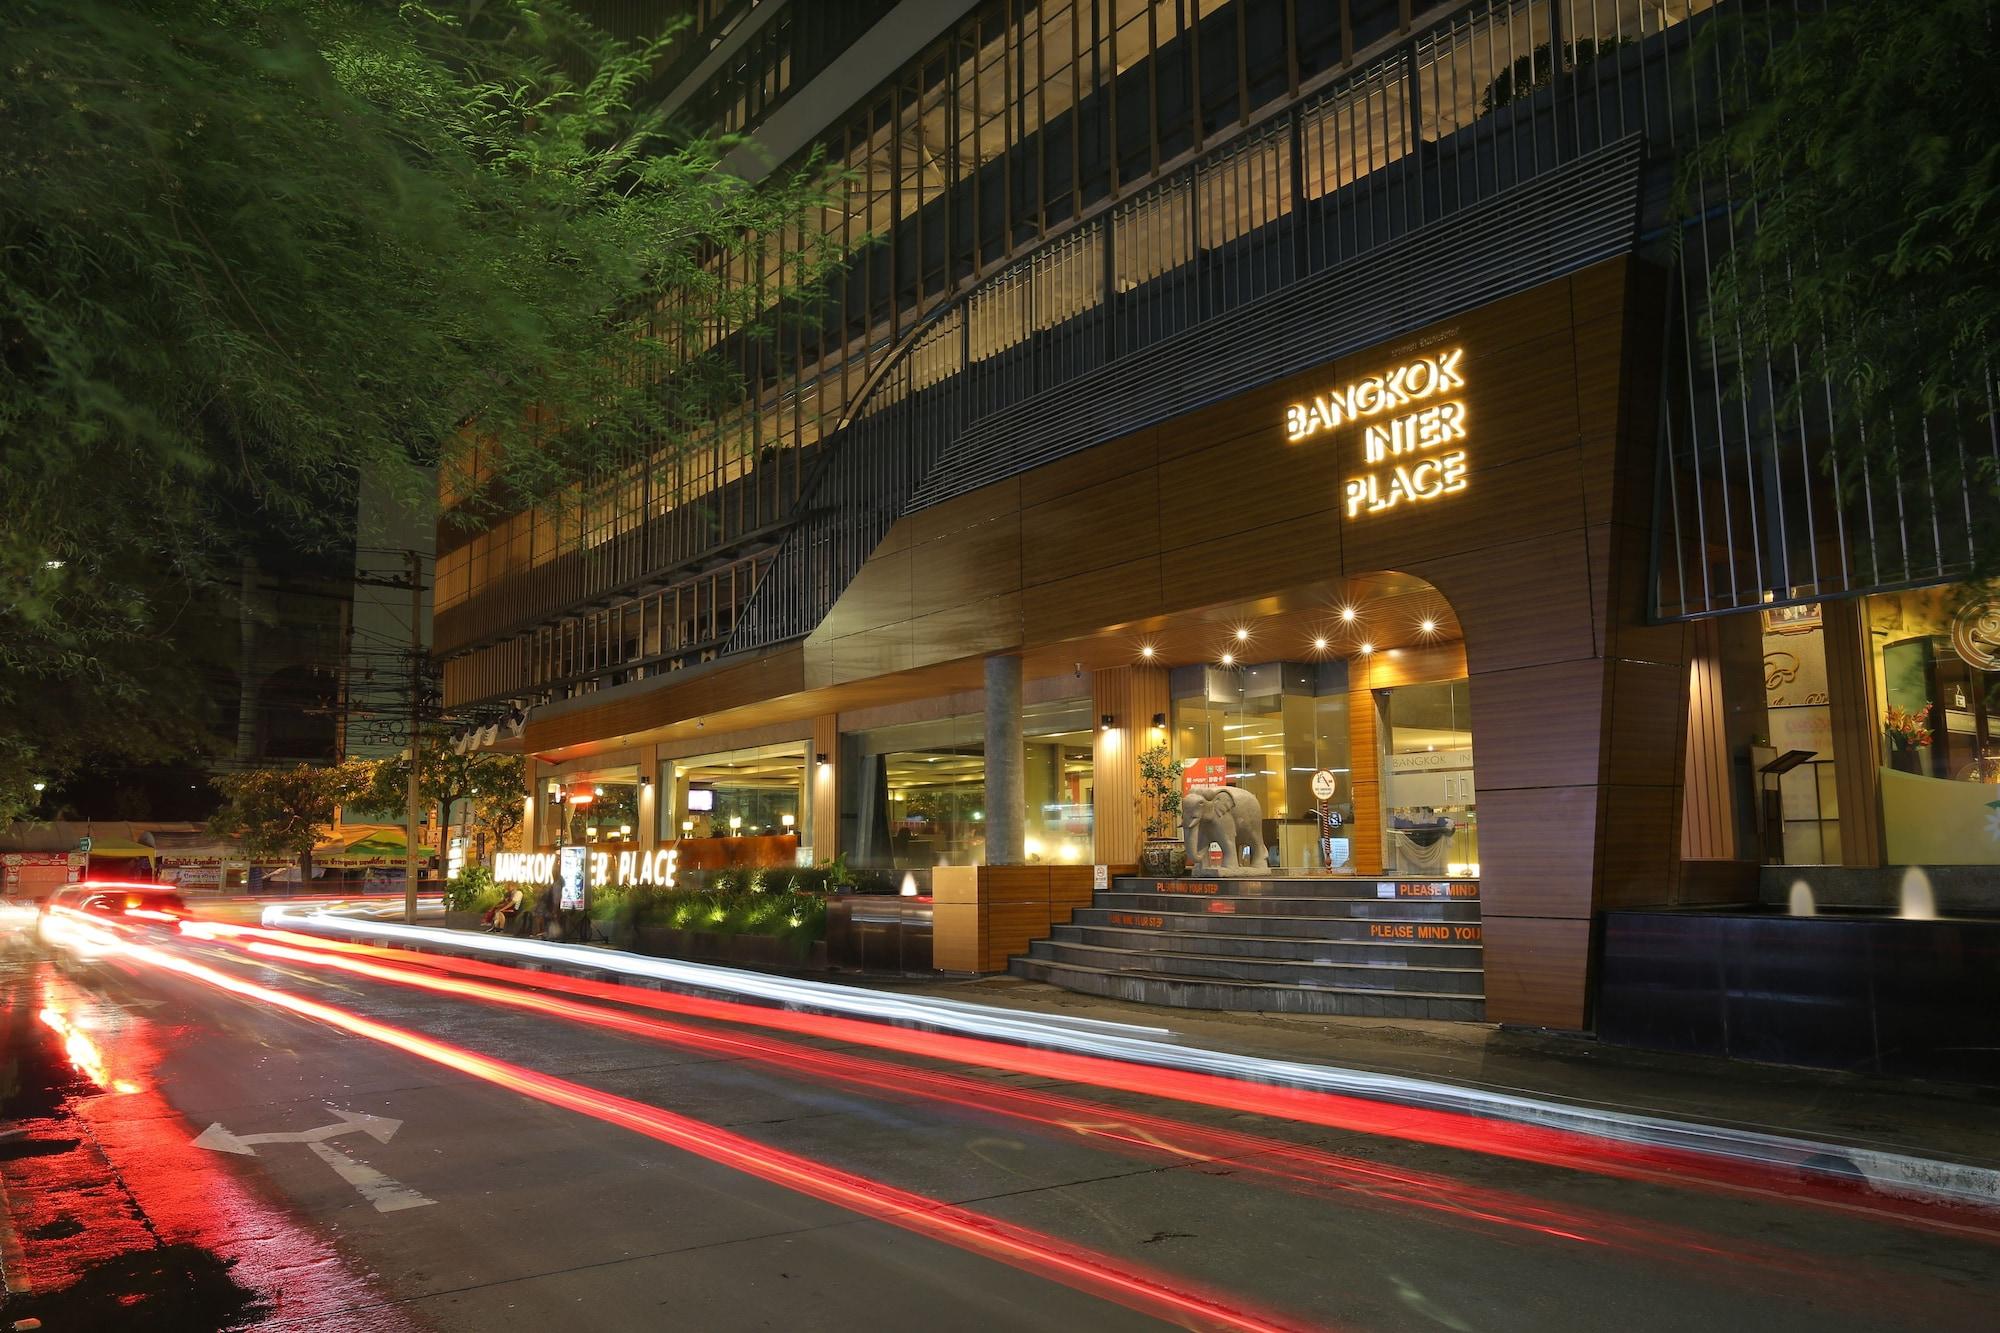 Bangkok Inter Place Hotel, Bang Kapi